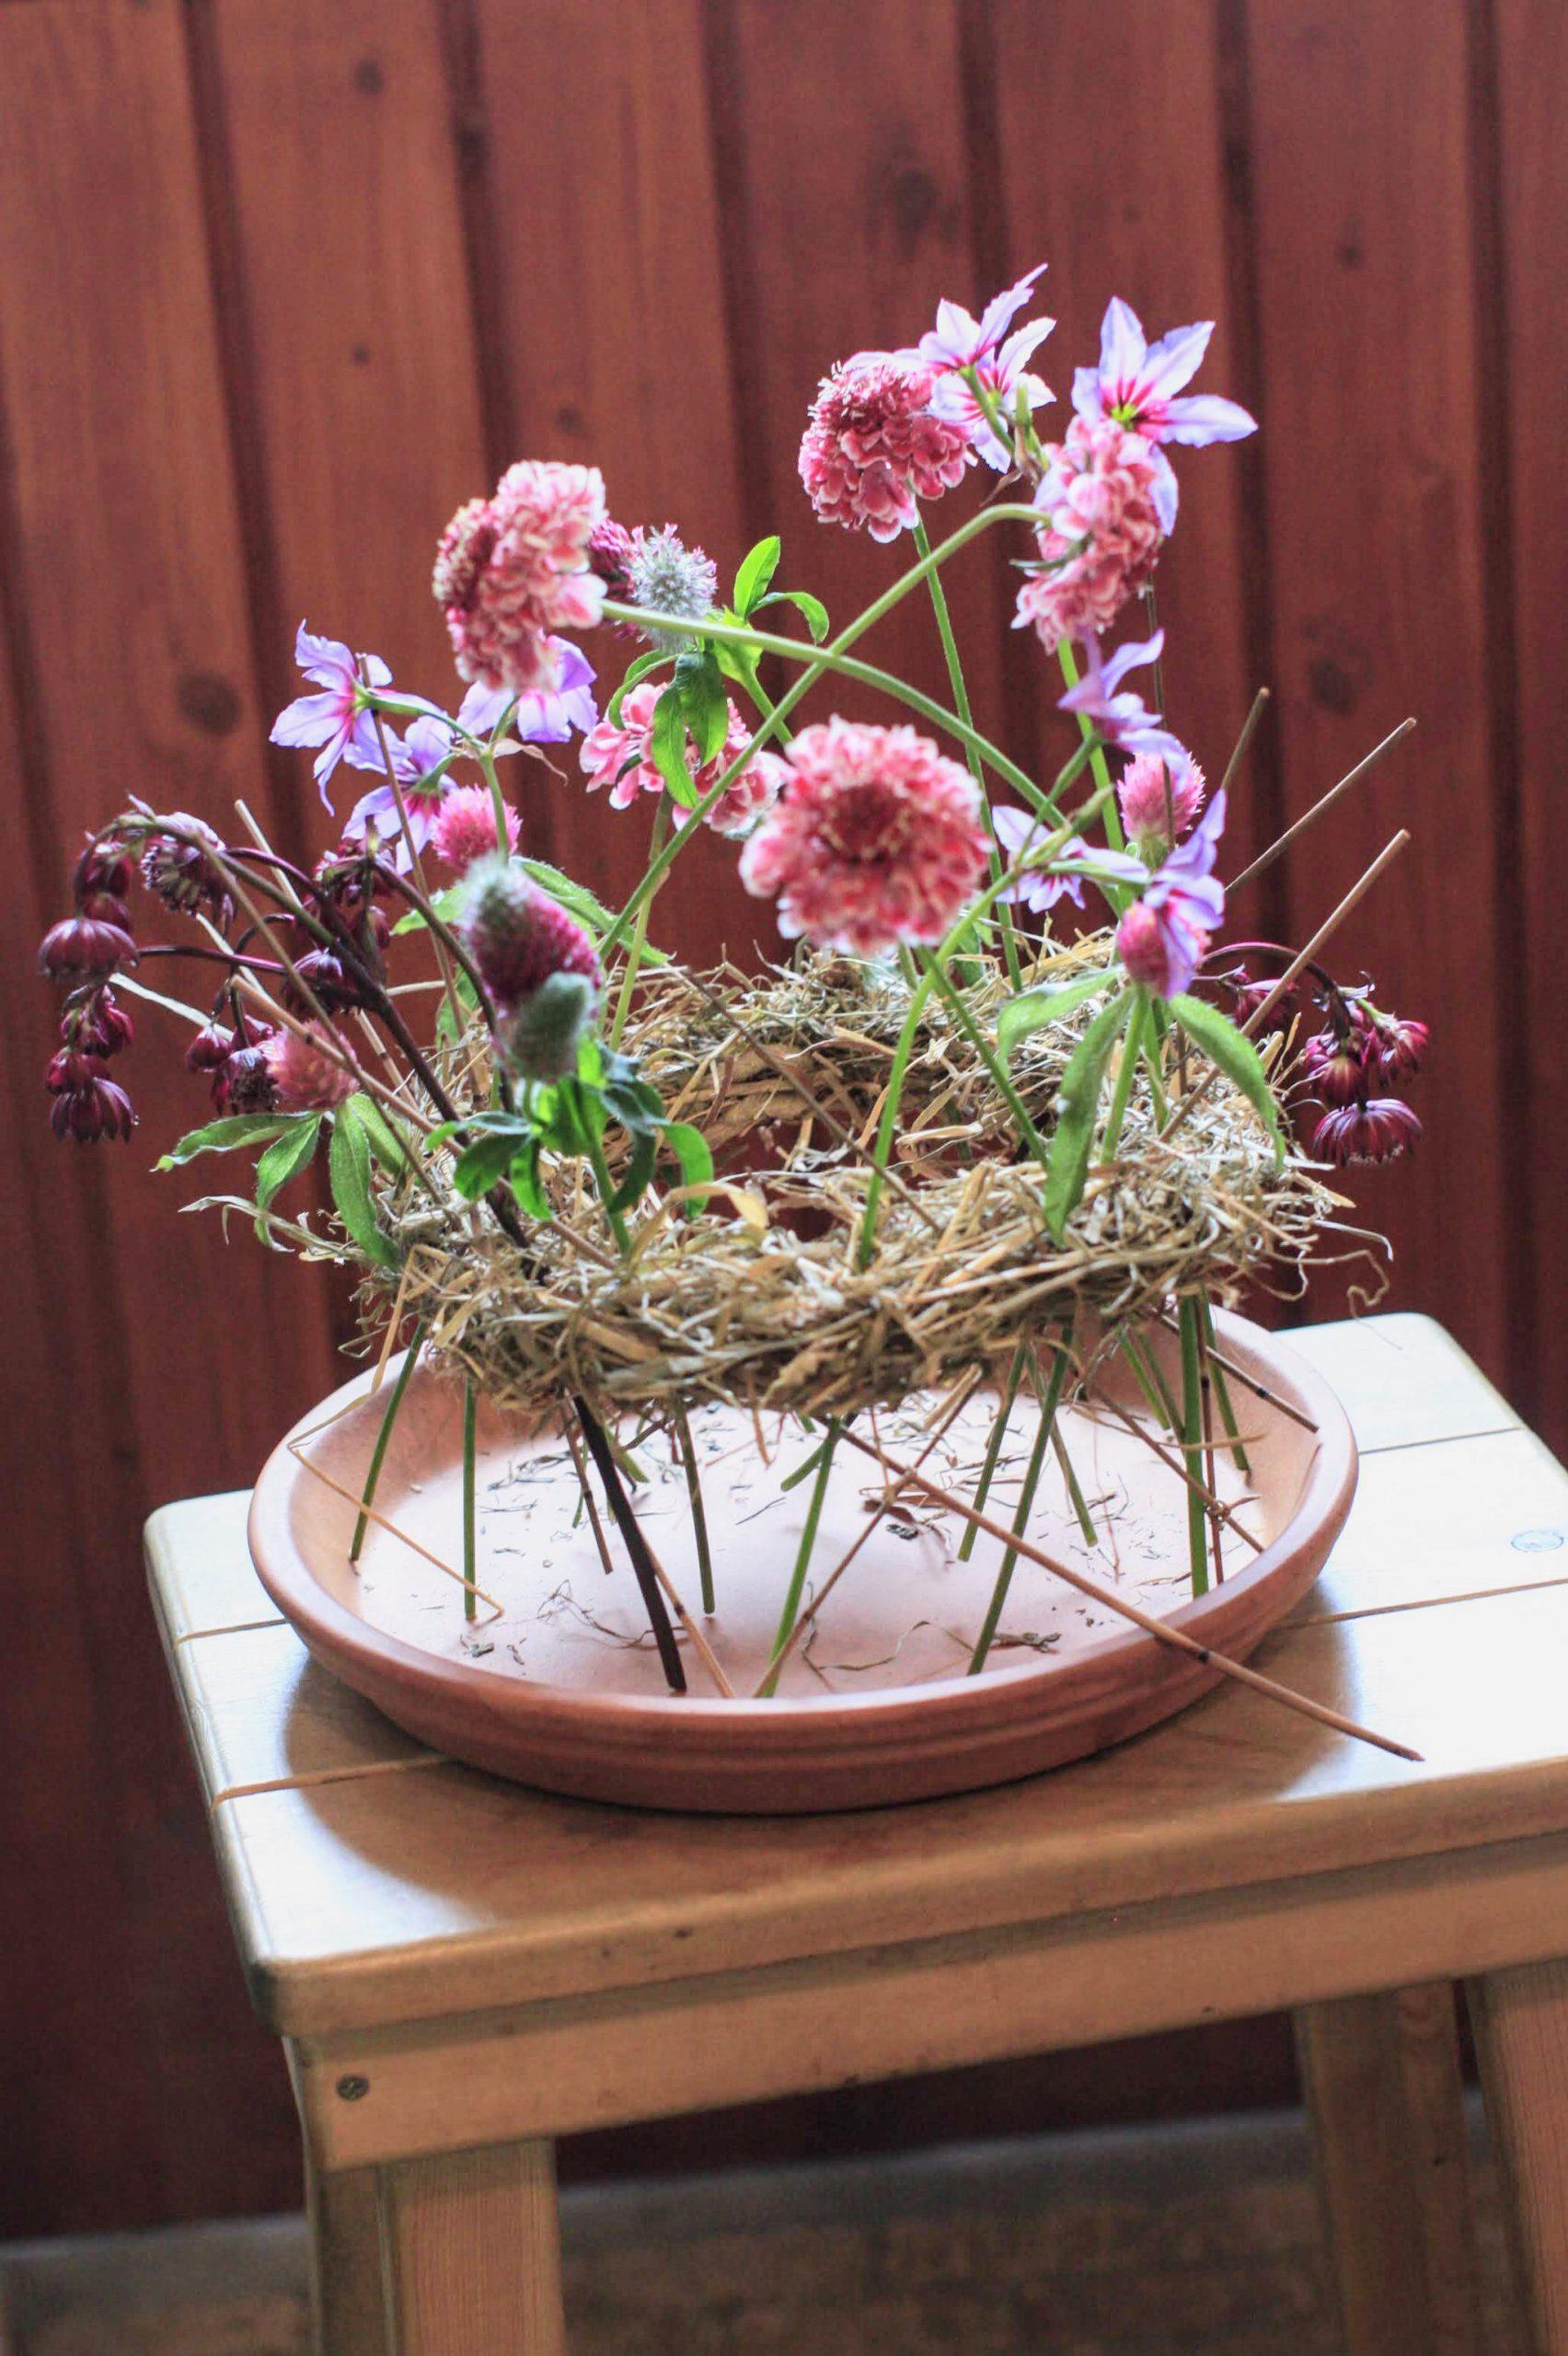 植物造形デザイン 福岡 フラワーアレンジ教室;